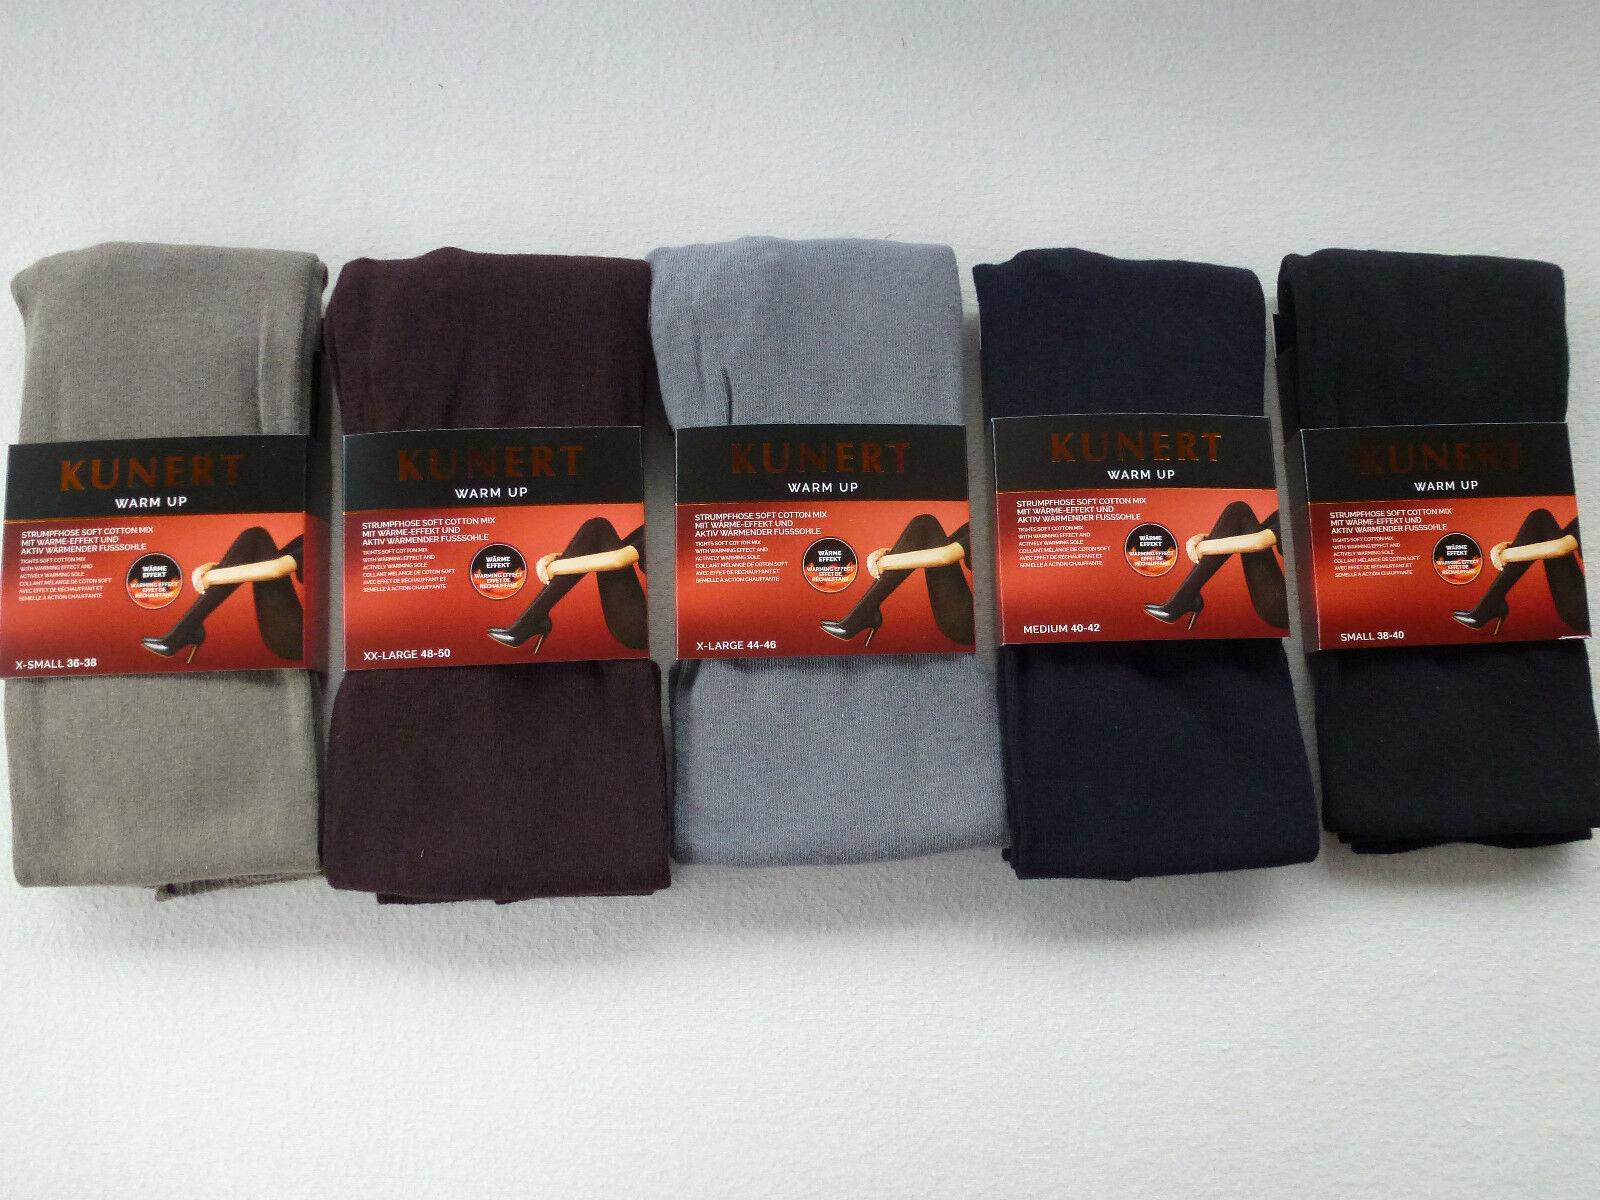 Kunert Ladies Knitted Tights 36-50 XS-XXL Warm Up 72% Cotton